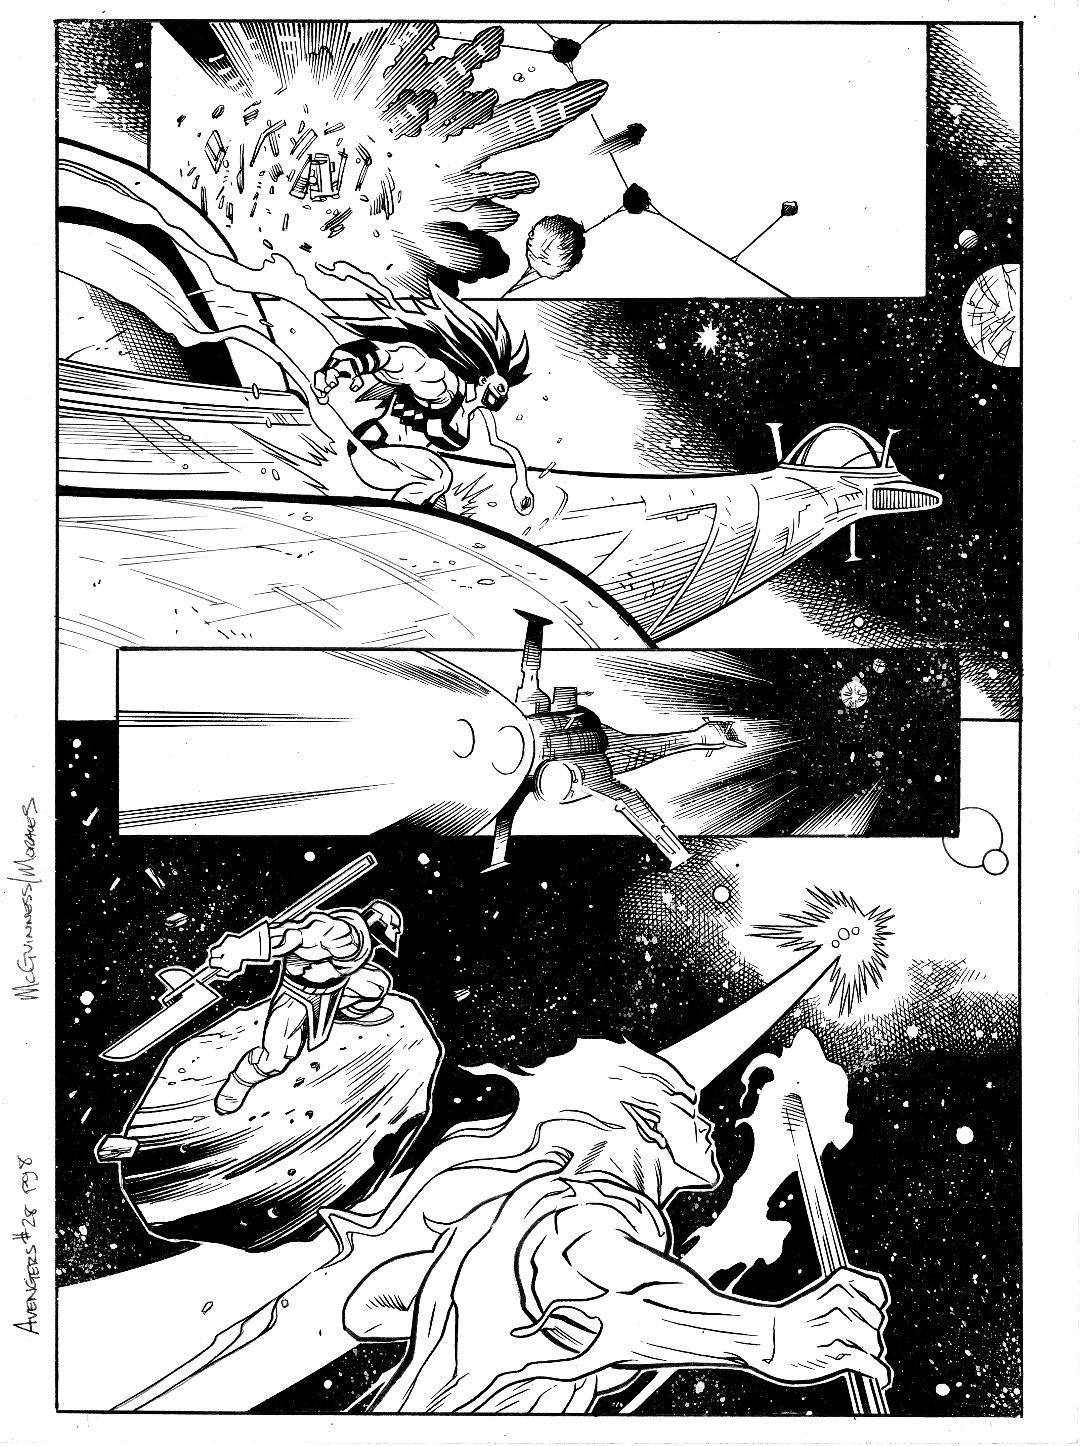 Avengers #28 pg 8